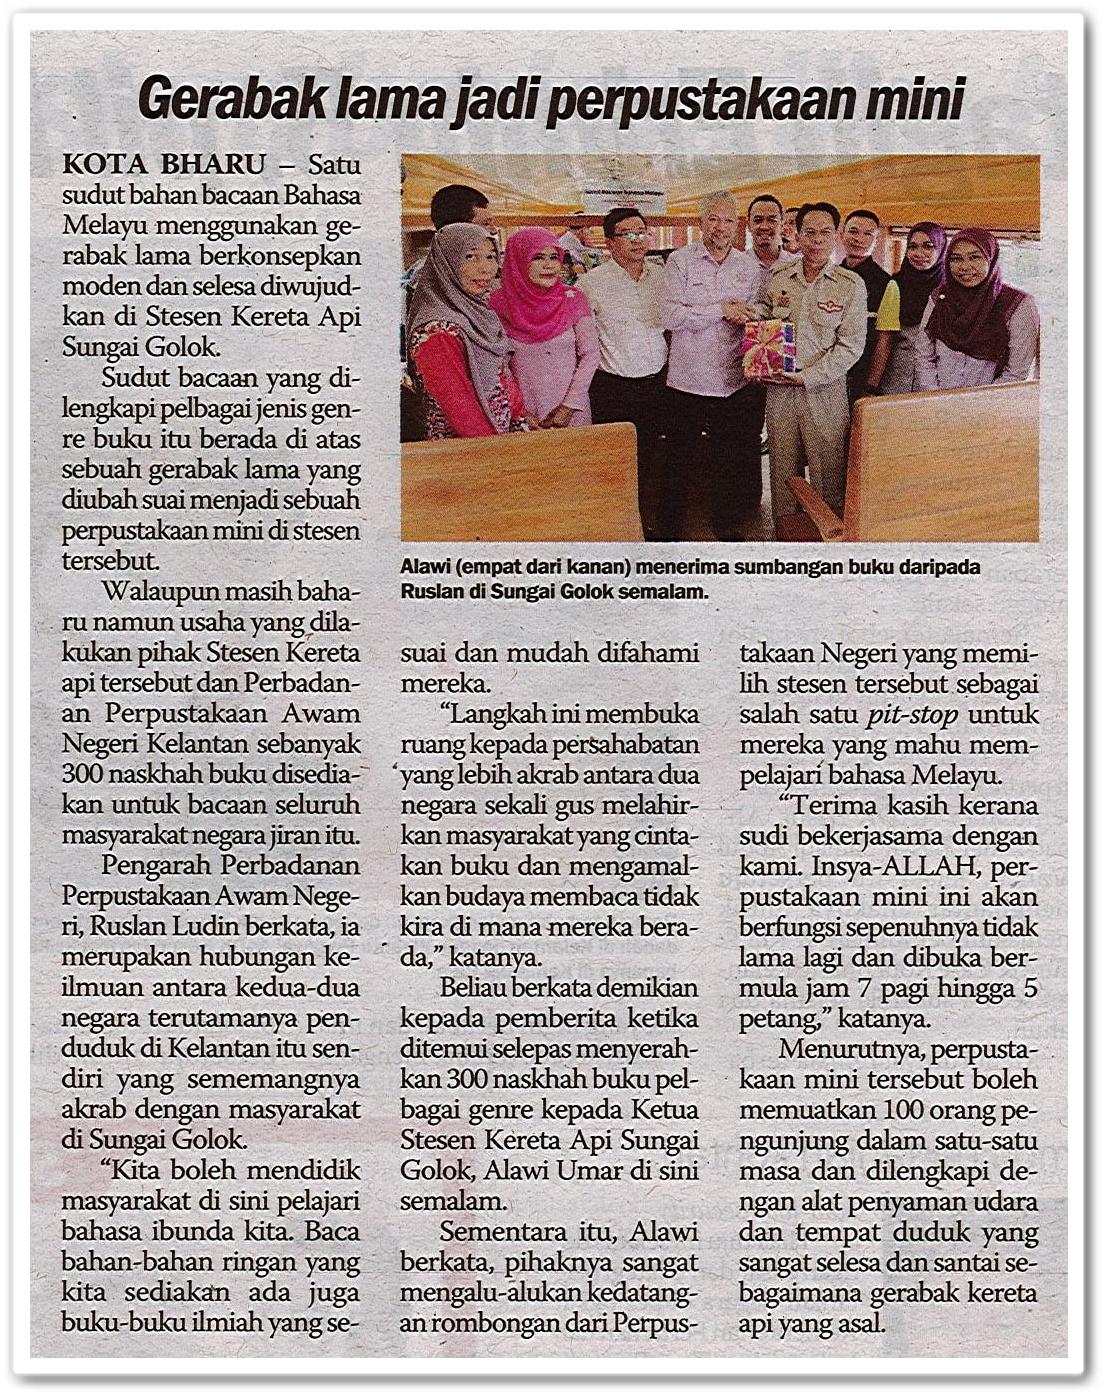 Gerabak lama jadi perpustakaan mini - Keratan akhbar Sinar Harian 21 Ogos 2019